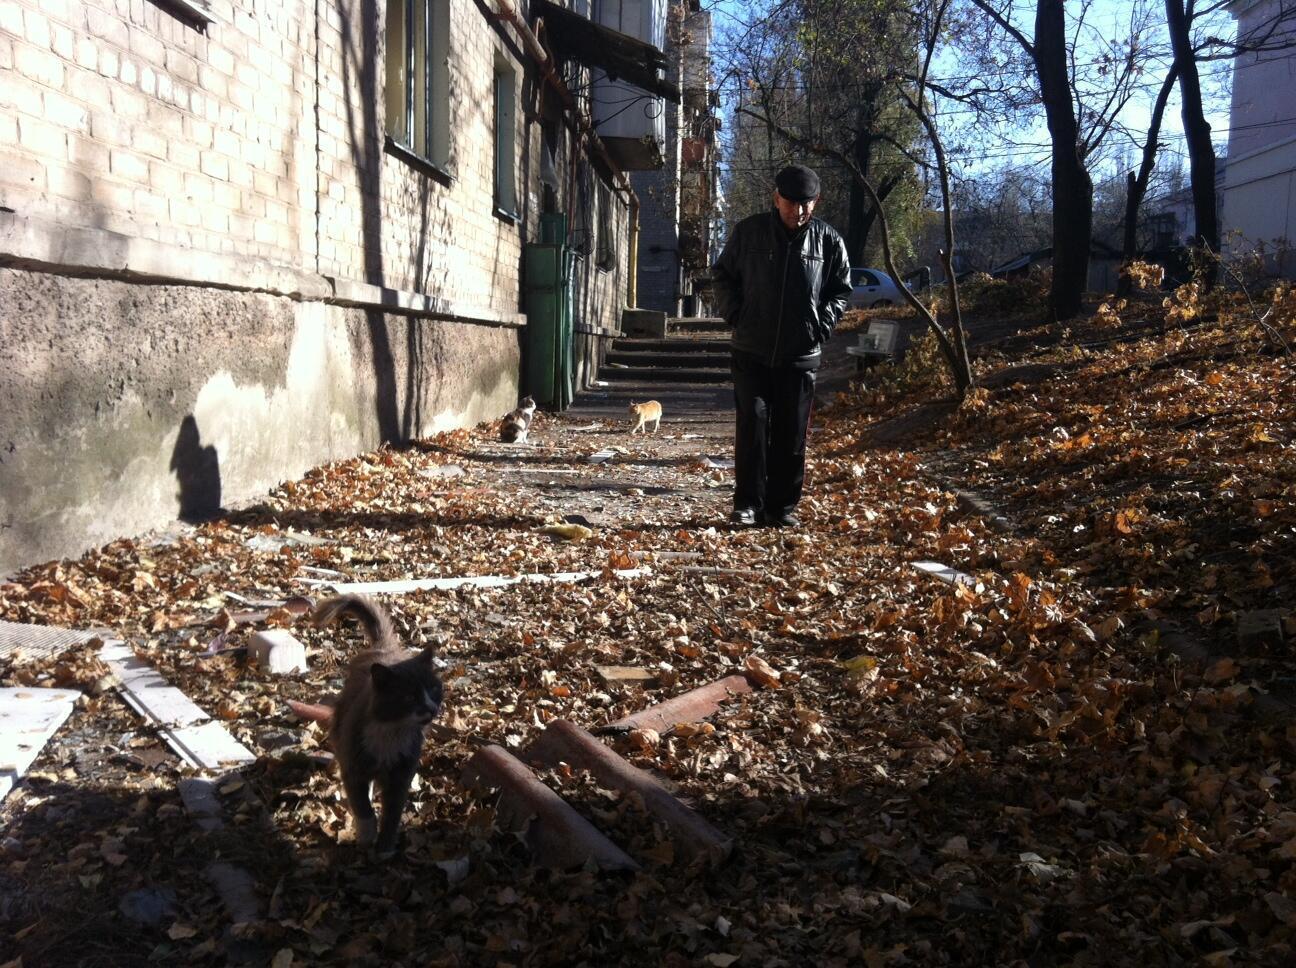 Nikolaï Sergueevitch, um dos poucos habitantes que permaneceram no bairro de Kievski, em Donetsk. Mais de 460 mil pessoas deixaram suas casas